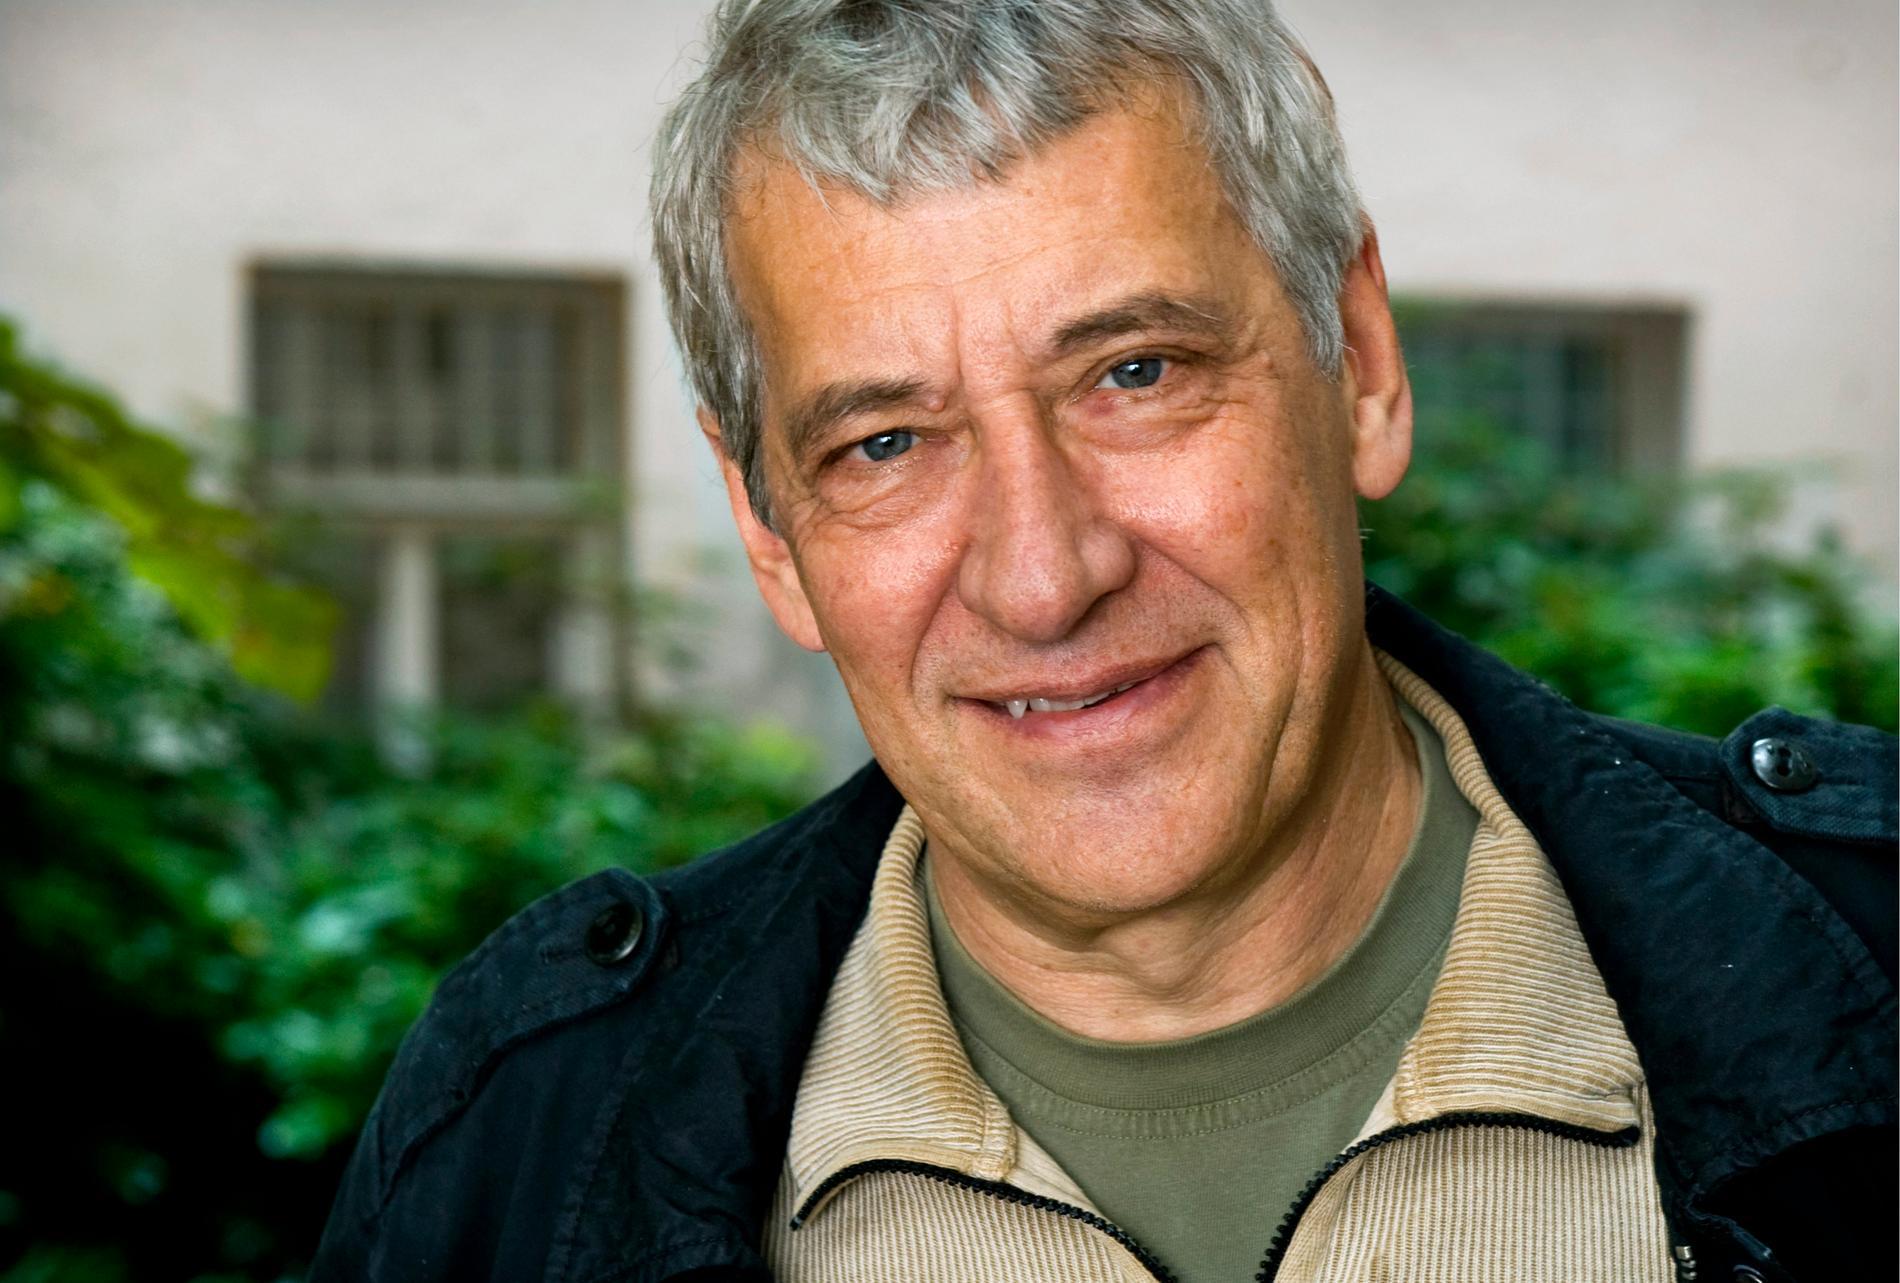 Barnboksförfattaren Ulf Nilsson har avlidit, 73 år gammal.